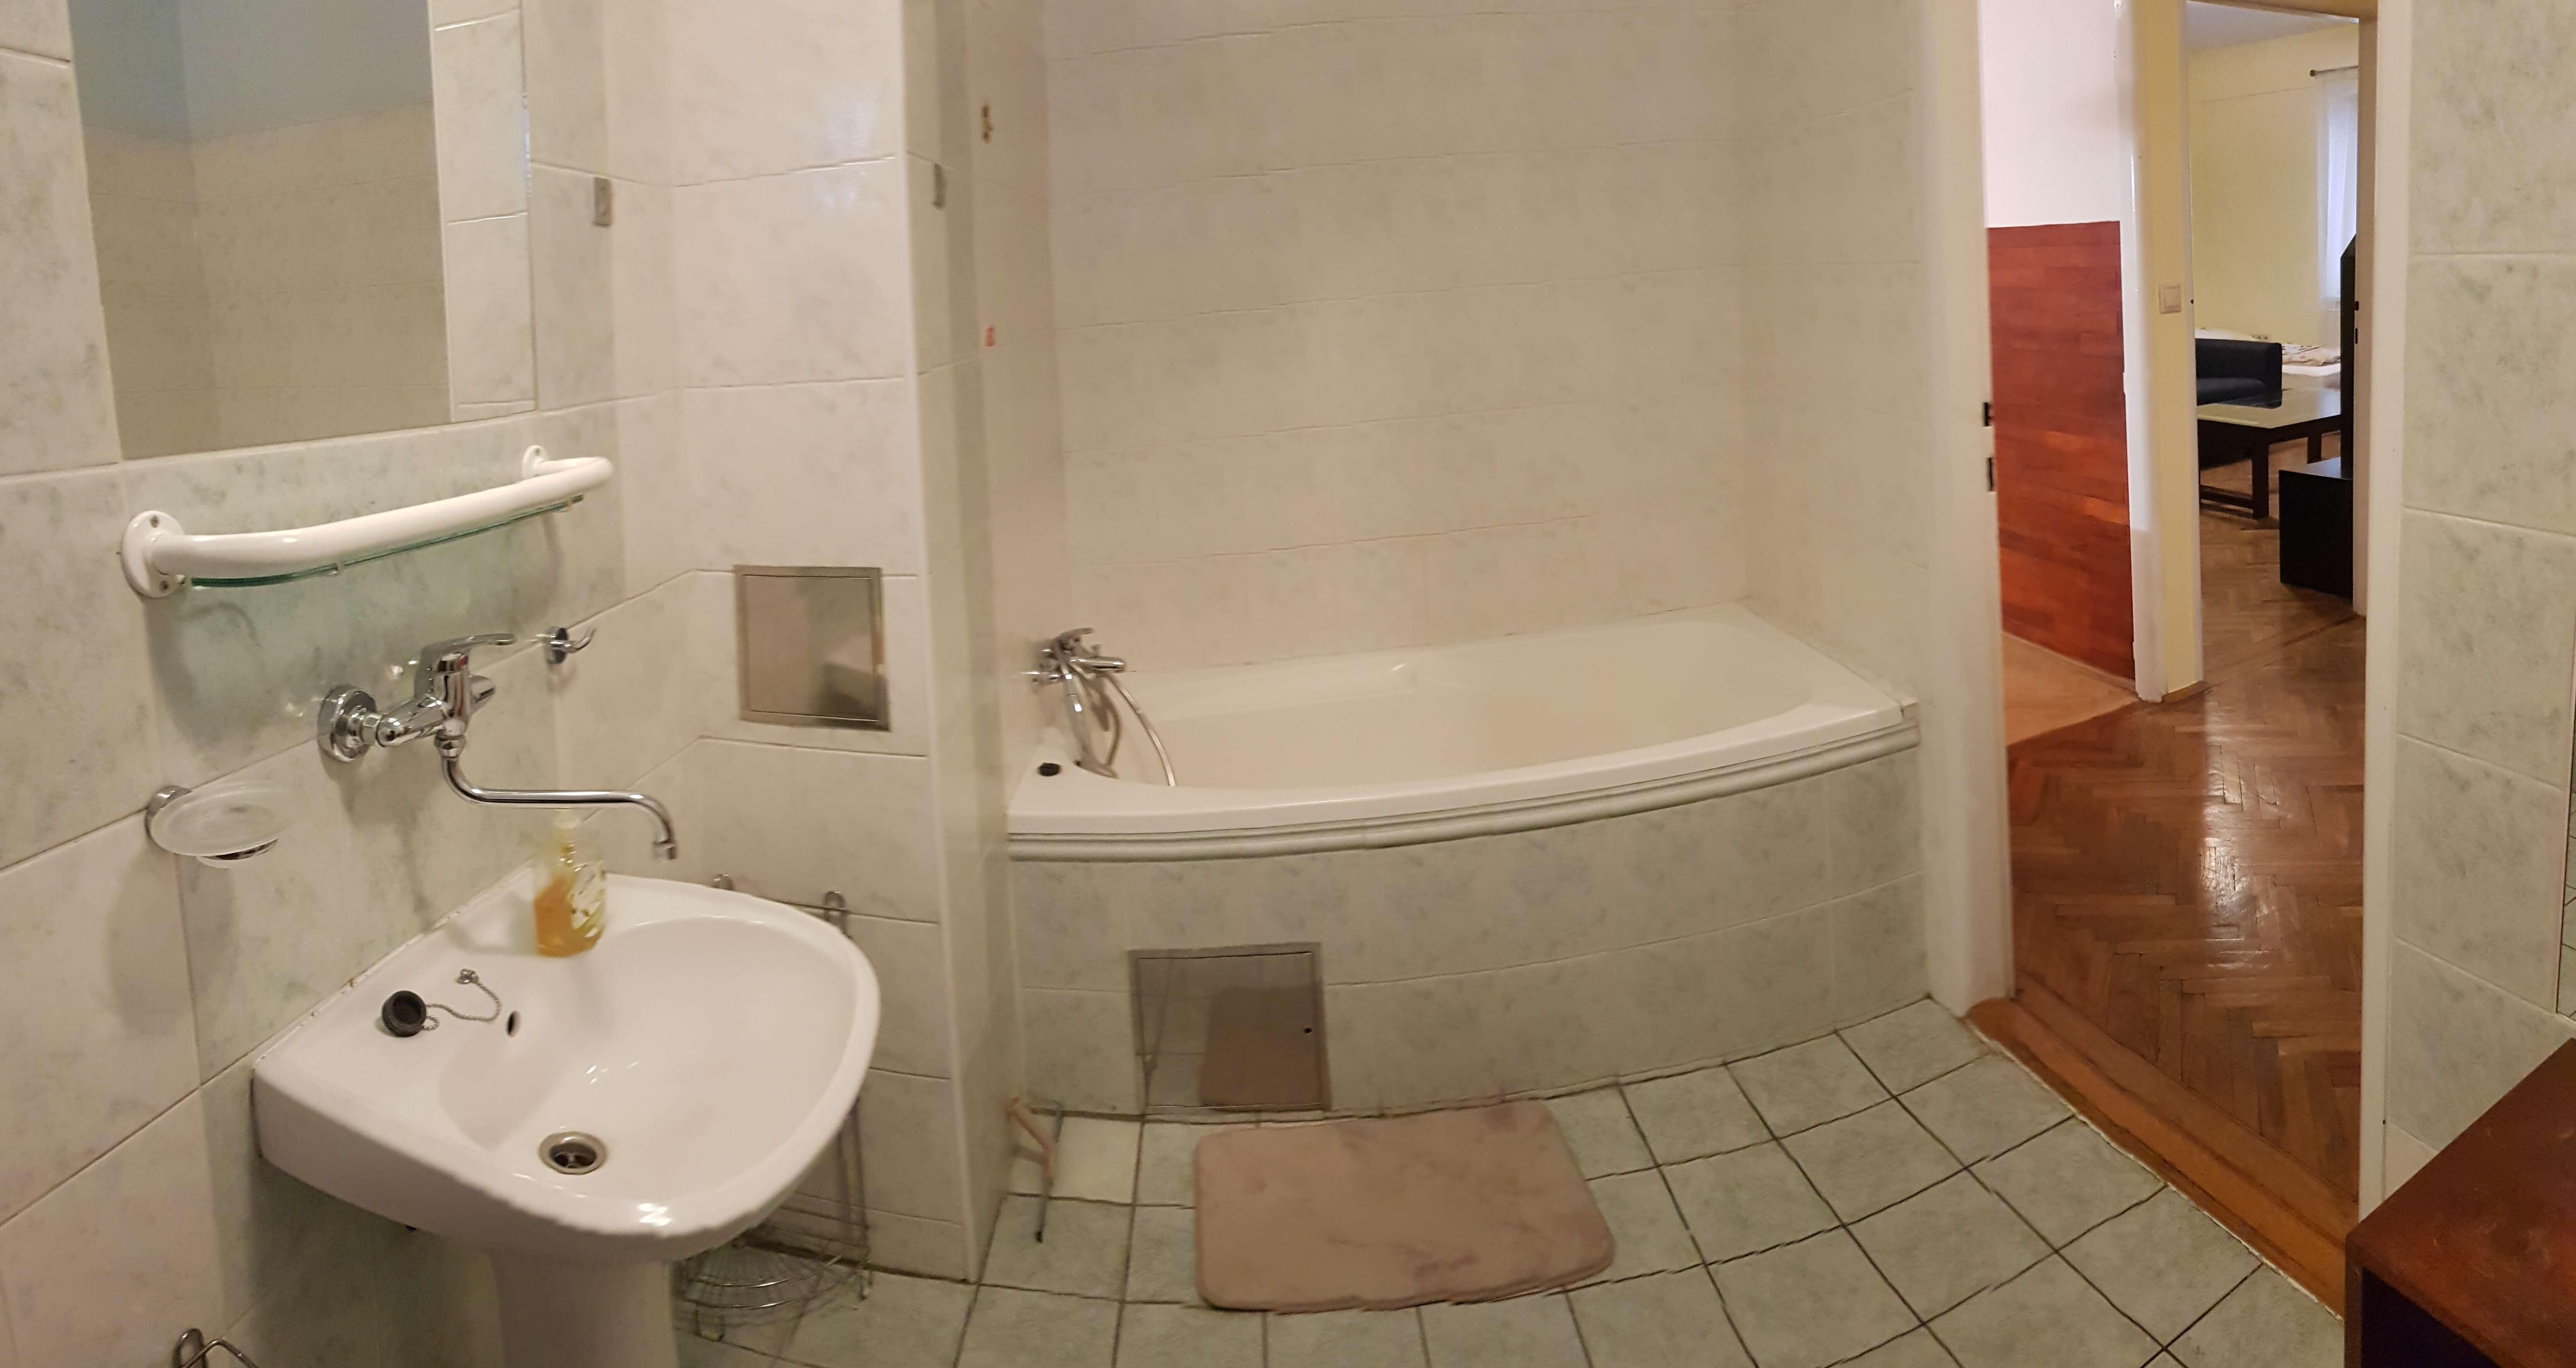 Predané: Predaj exkluzívneho 2 izb. bytu, staré mesto, Šancová ulica, Bratislava, 75m2, kompletne zariadený-22